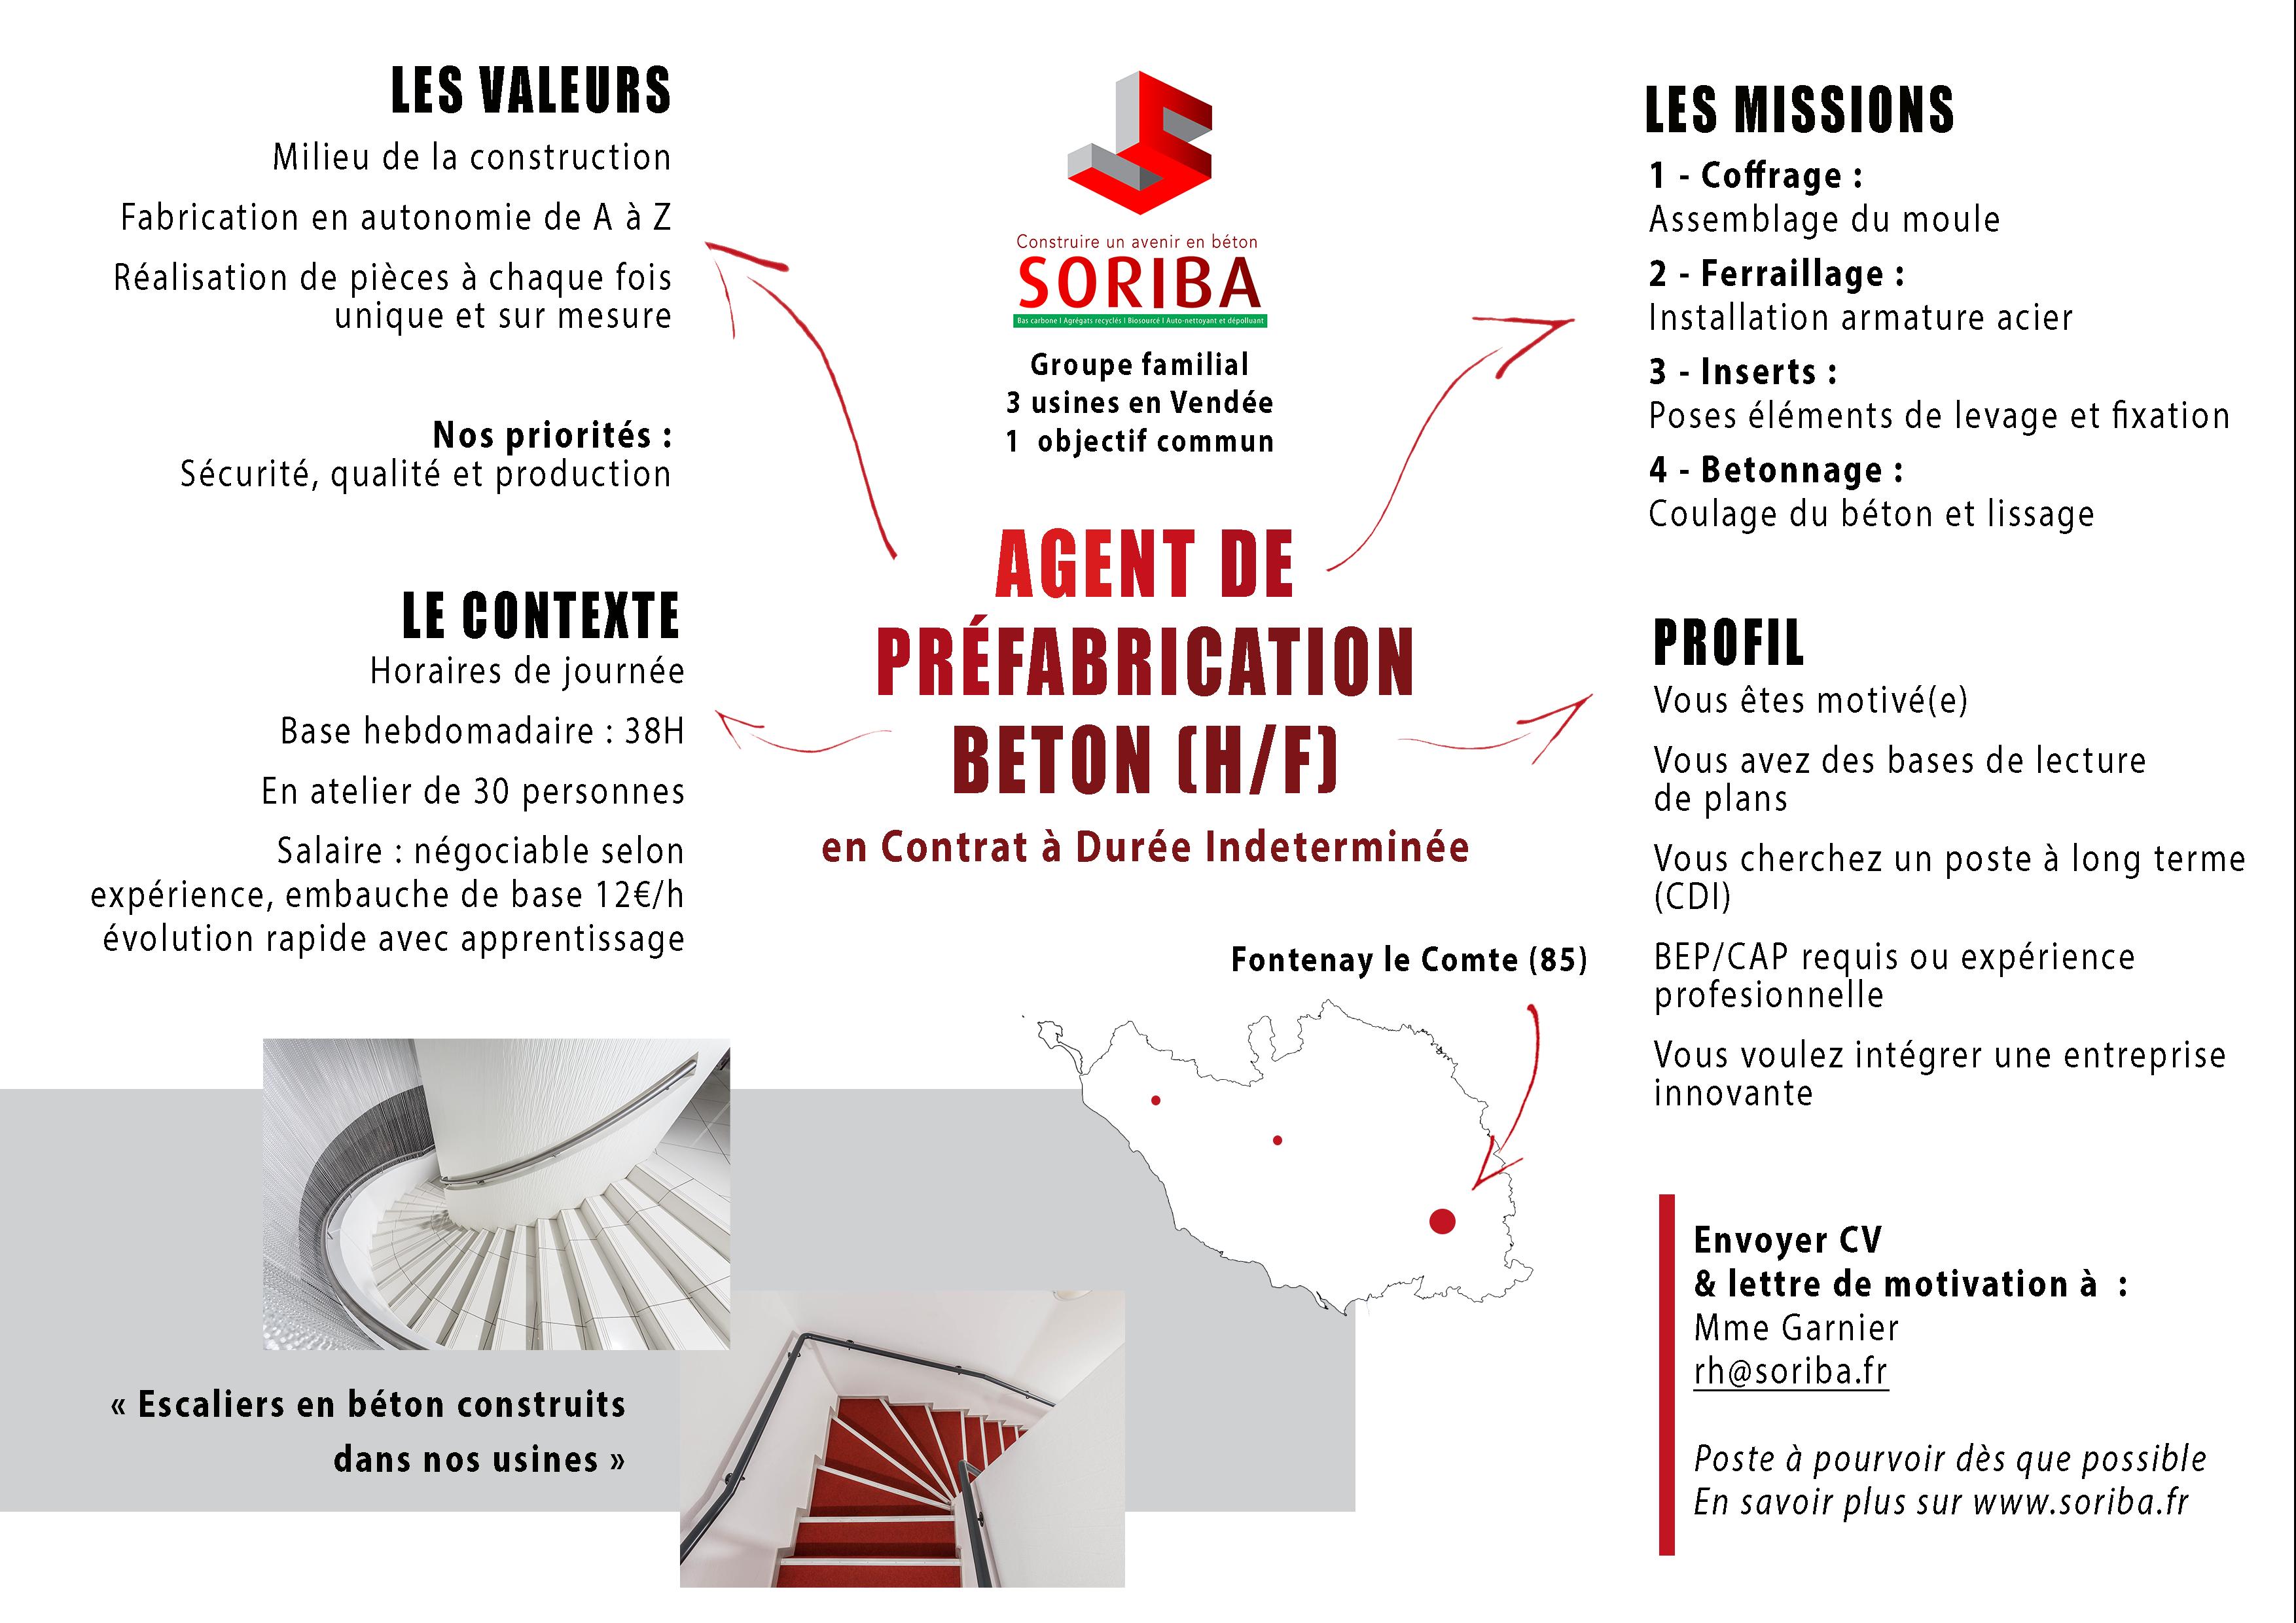 Agent de préfabrication béton - Fontenay le Comte